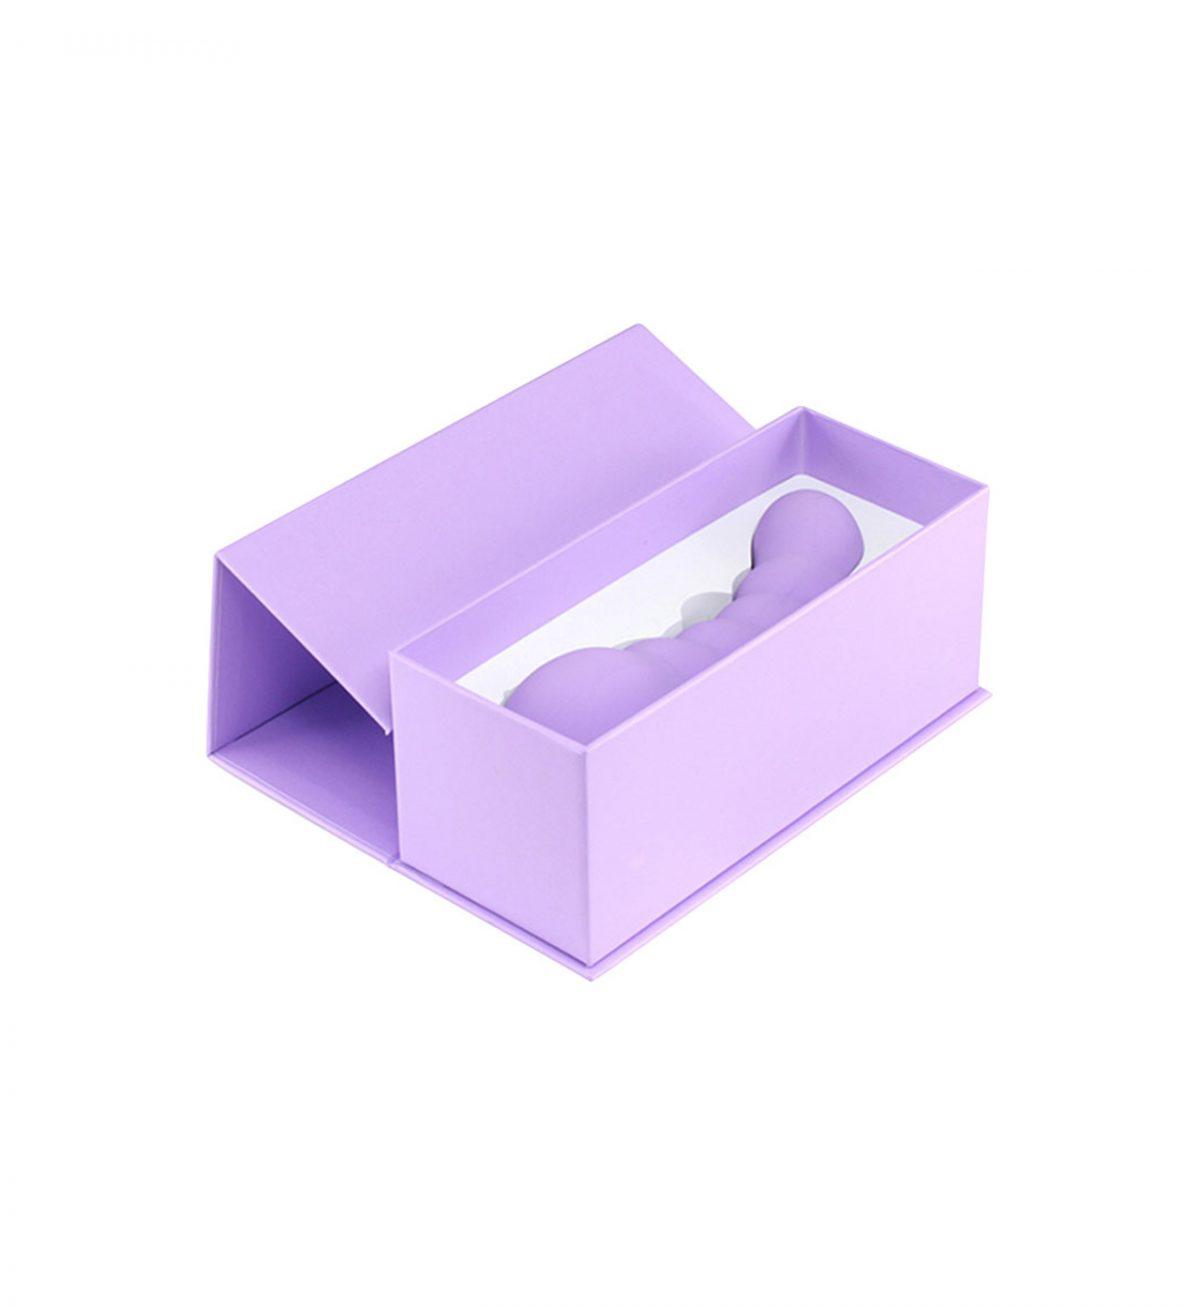 Maro 7 – Lilac - Livlig og frekk vibrator - Kawaii